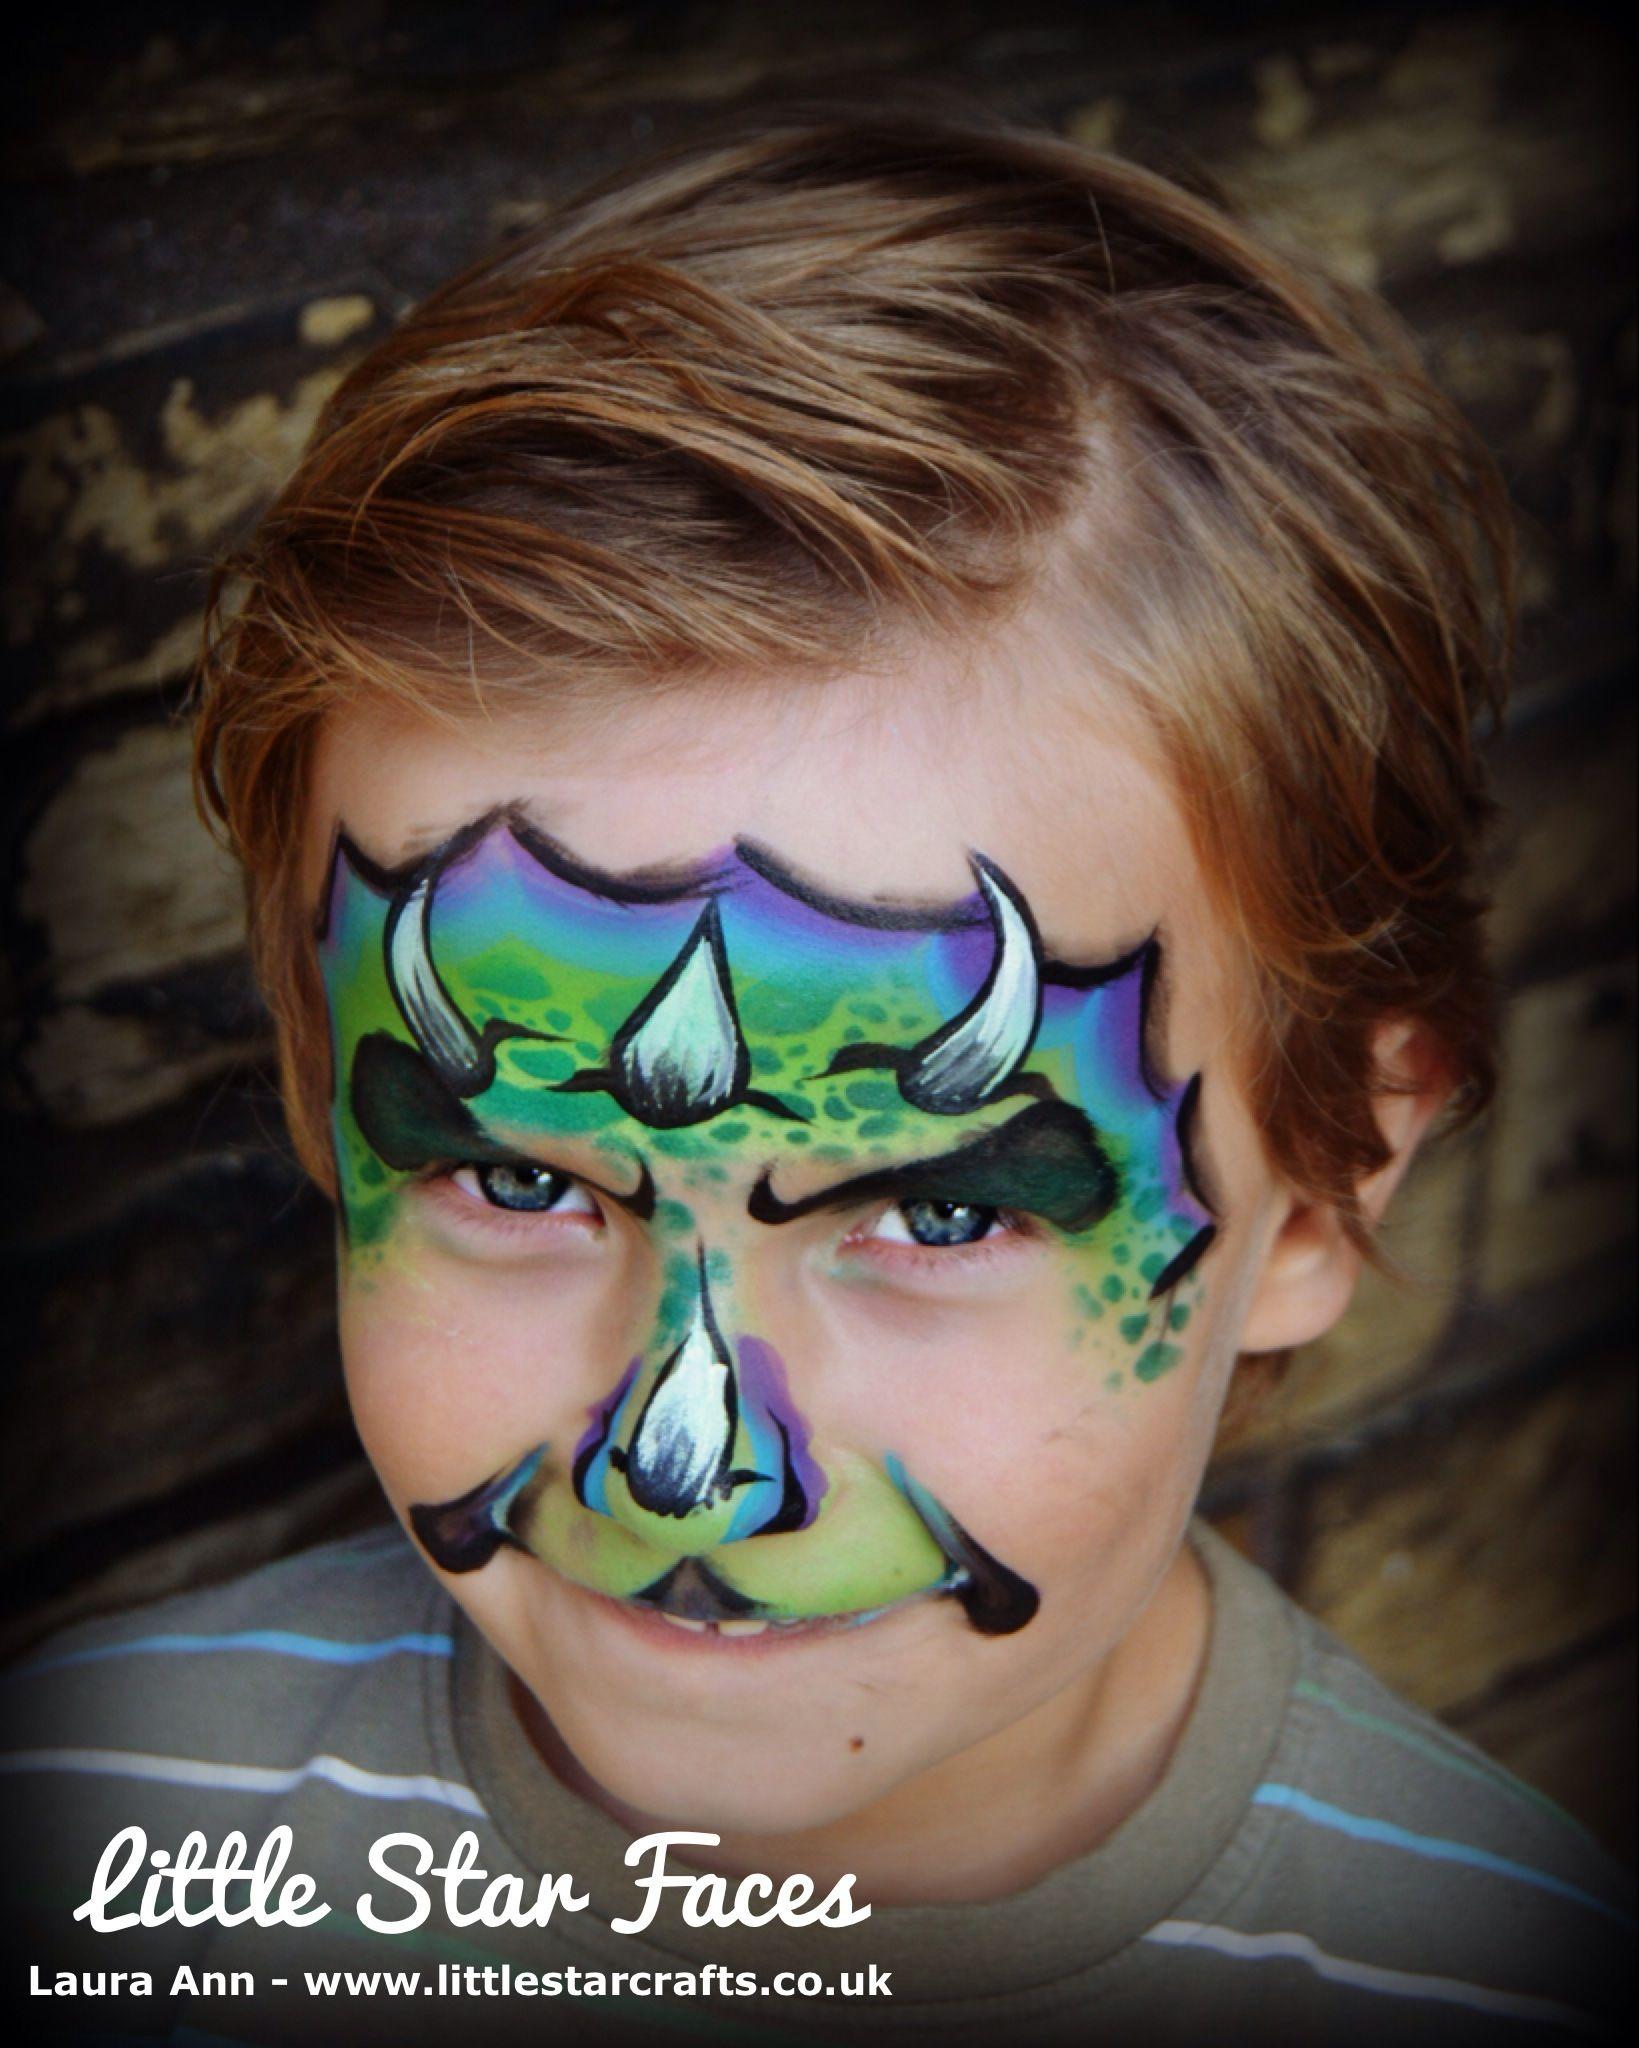 Little star faces Dinosaur  Face paint  Http://www.littlestarcrafts.co.uk